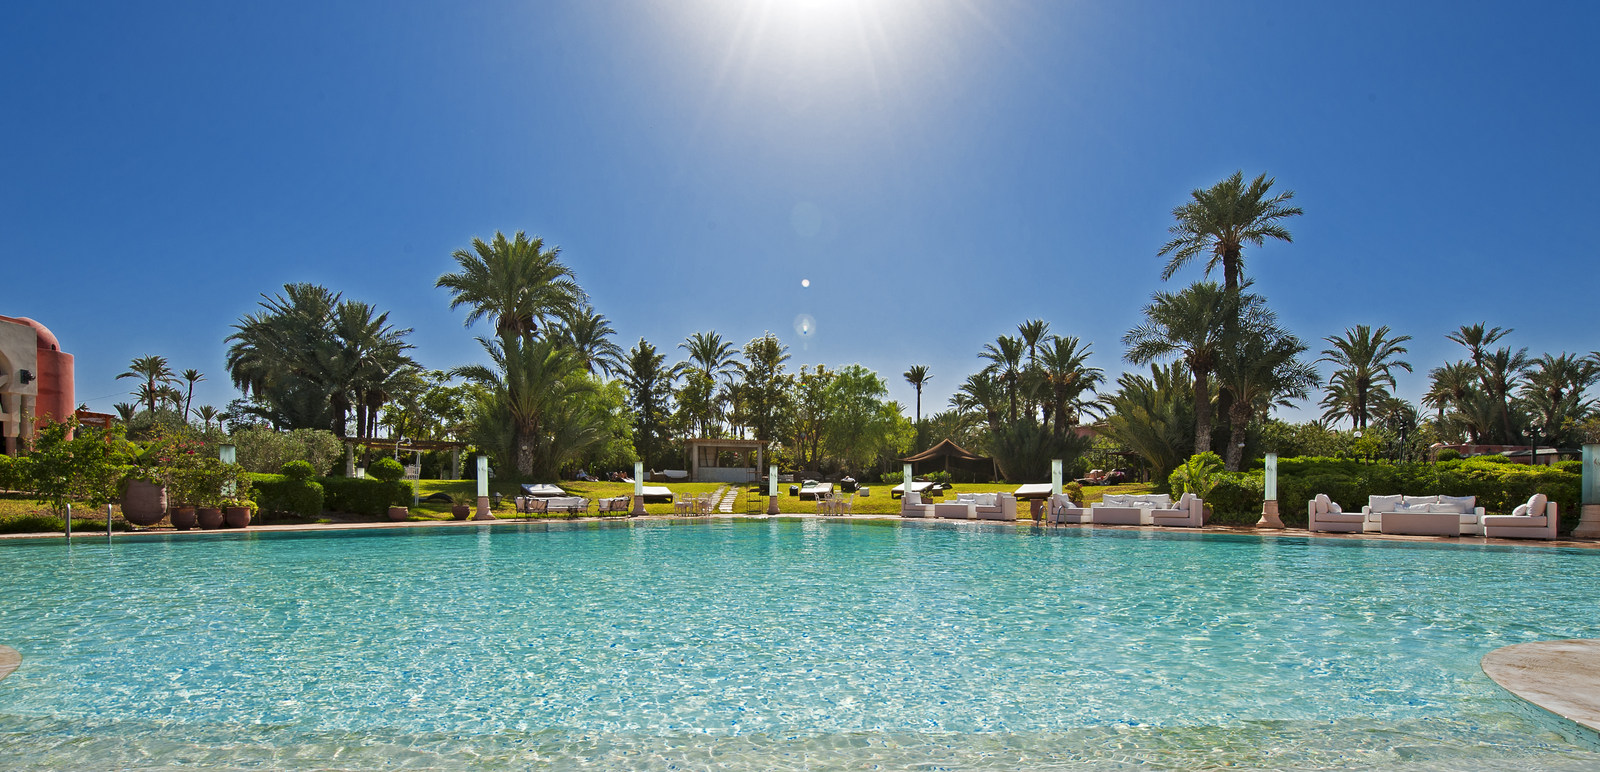 Les palmeraies de Marrakech une expérience unique pour 2 pax +1 enf (-12ans) grâce au style Hispano Mauresque au Palais Mehdi 5*